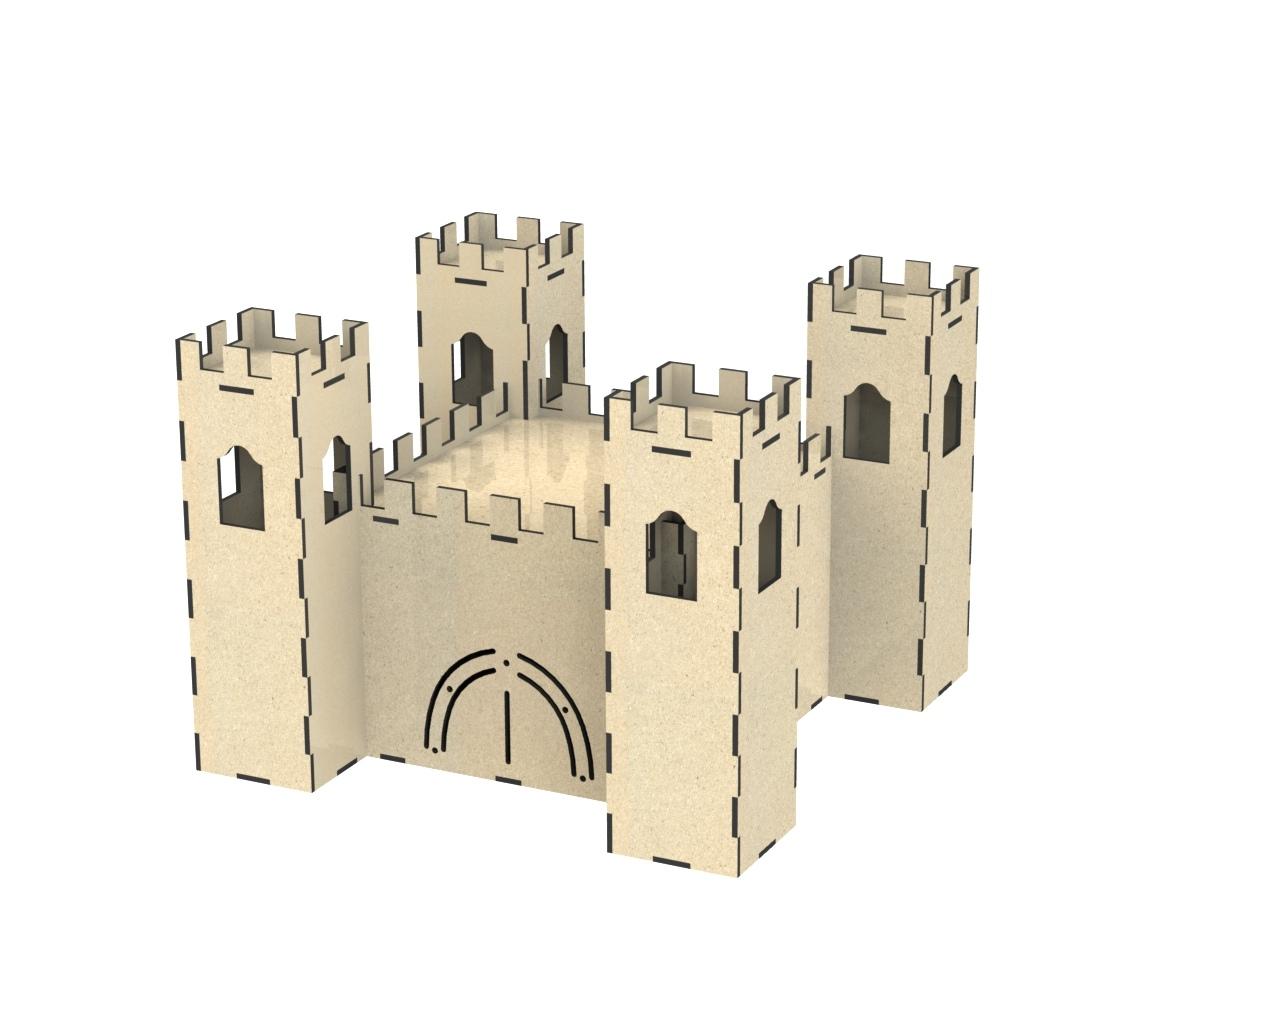 Castle Dollhouse DXF File